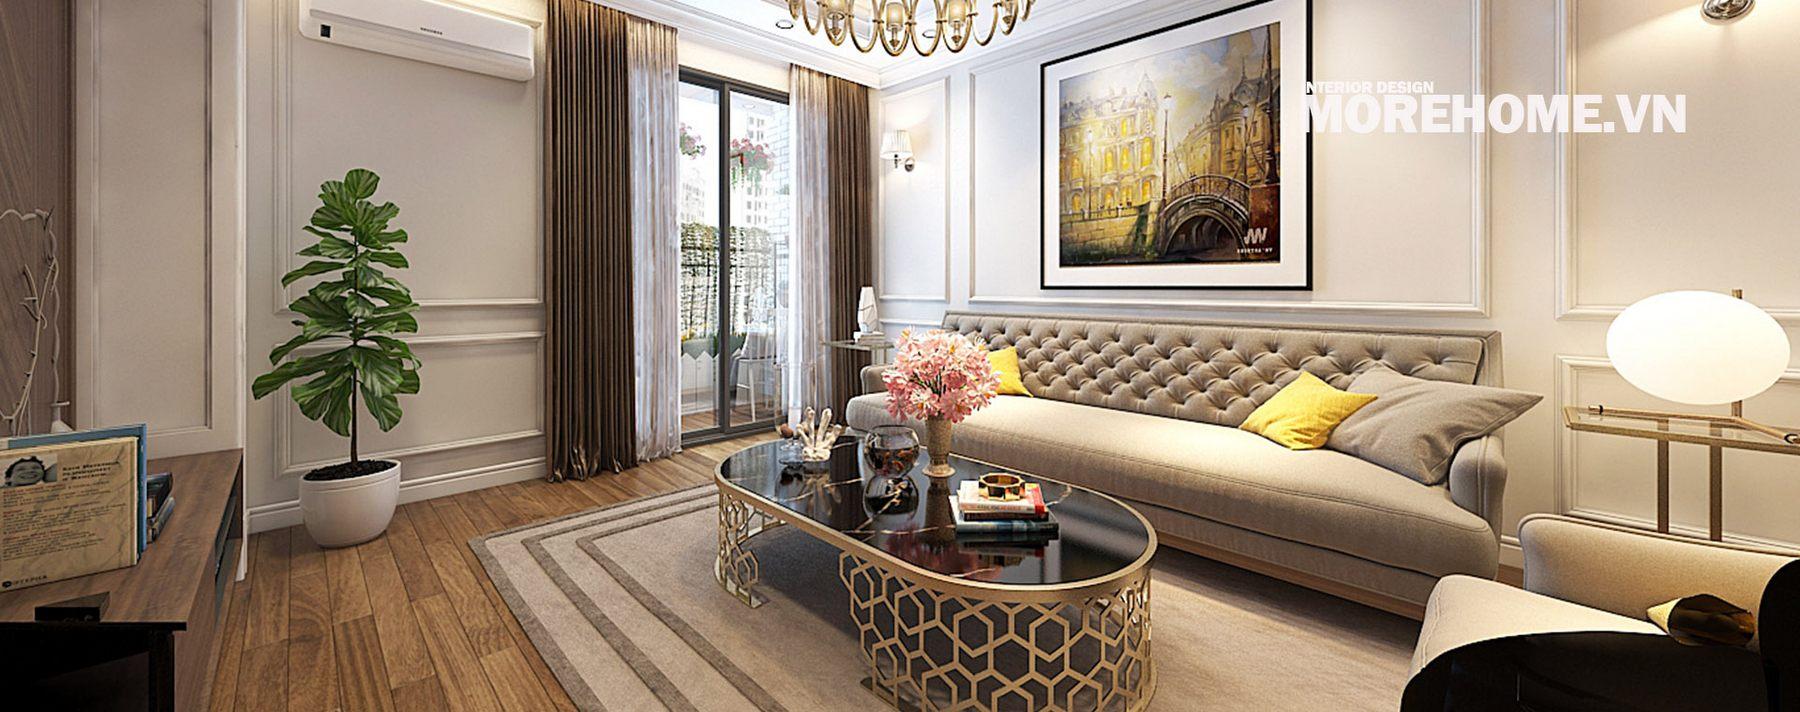 Thiết kế nội thất chung cư An Bình City Nam Từ Liêm Hà Nội